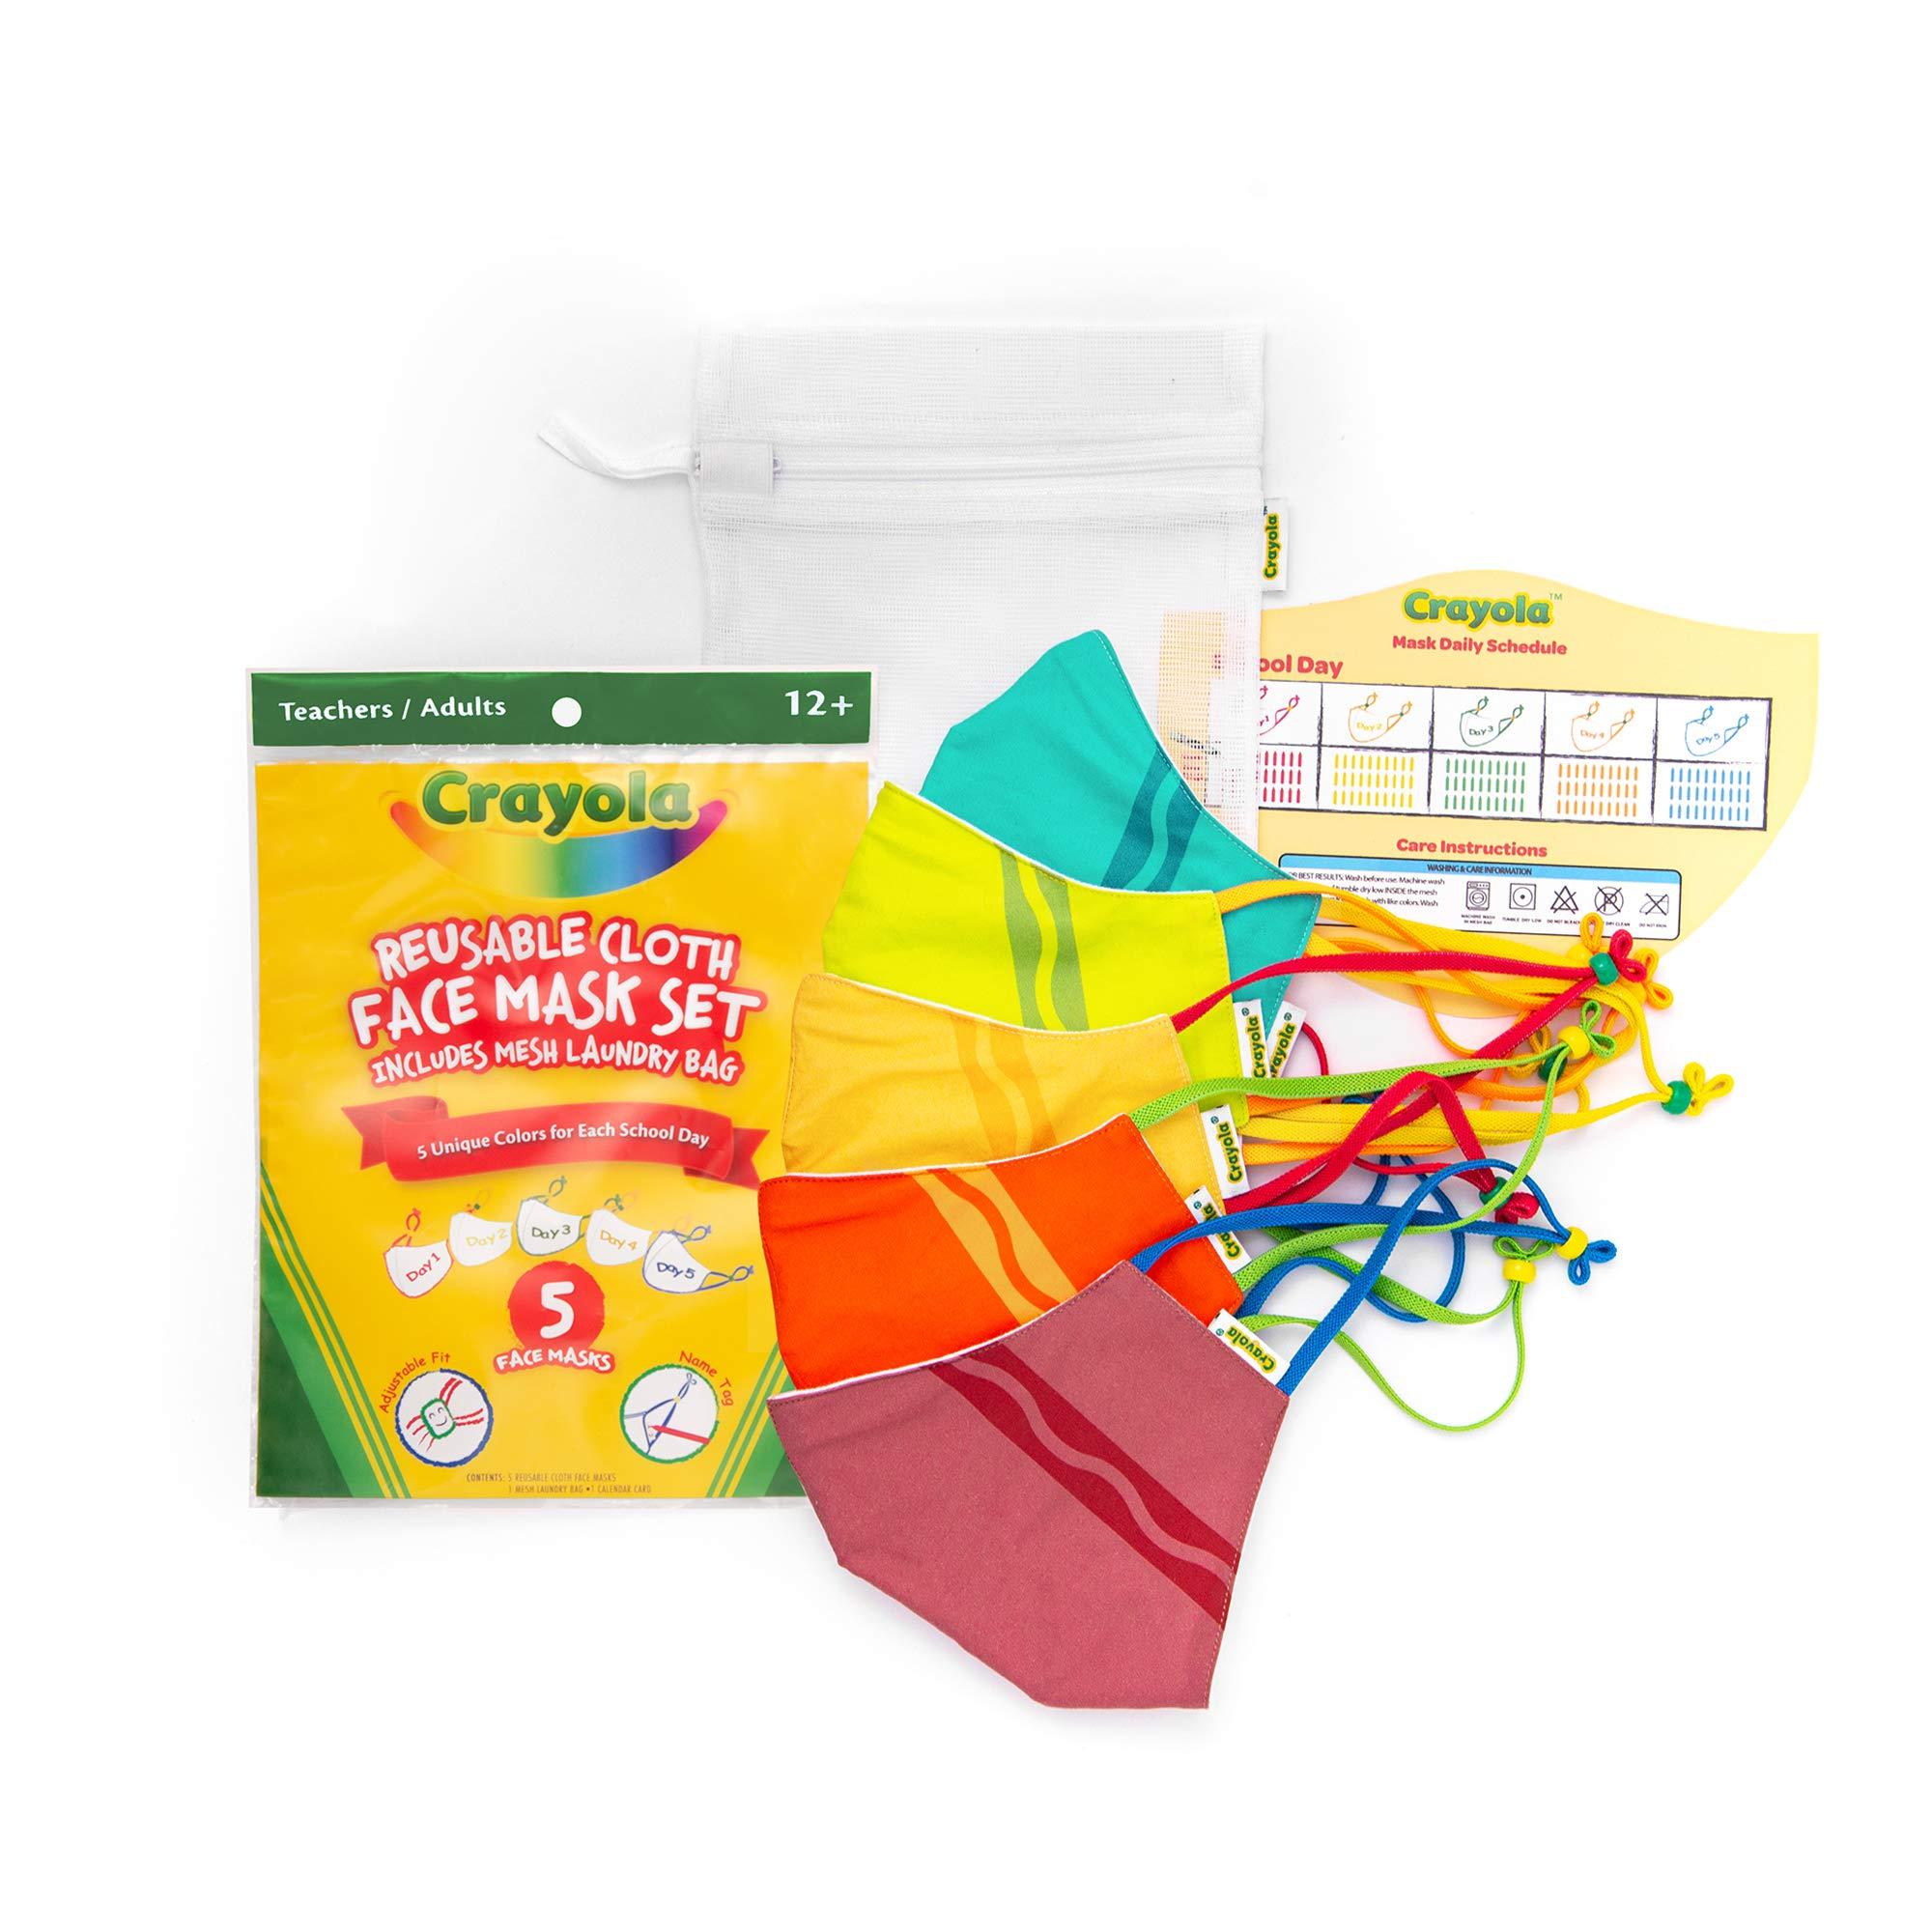 Crayola Adult Face Mask - 5 Reusable Cloth Face Mask Set Crayola Stripe Teacher Supplies